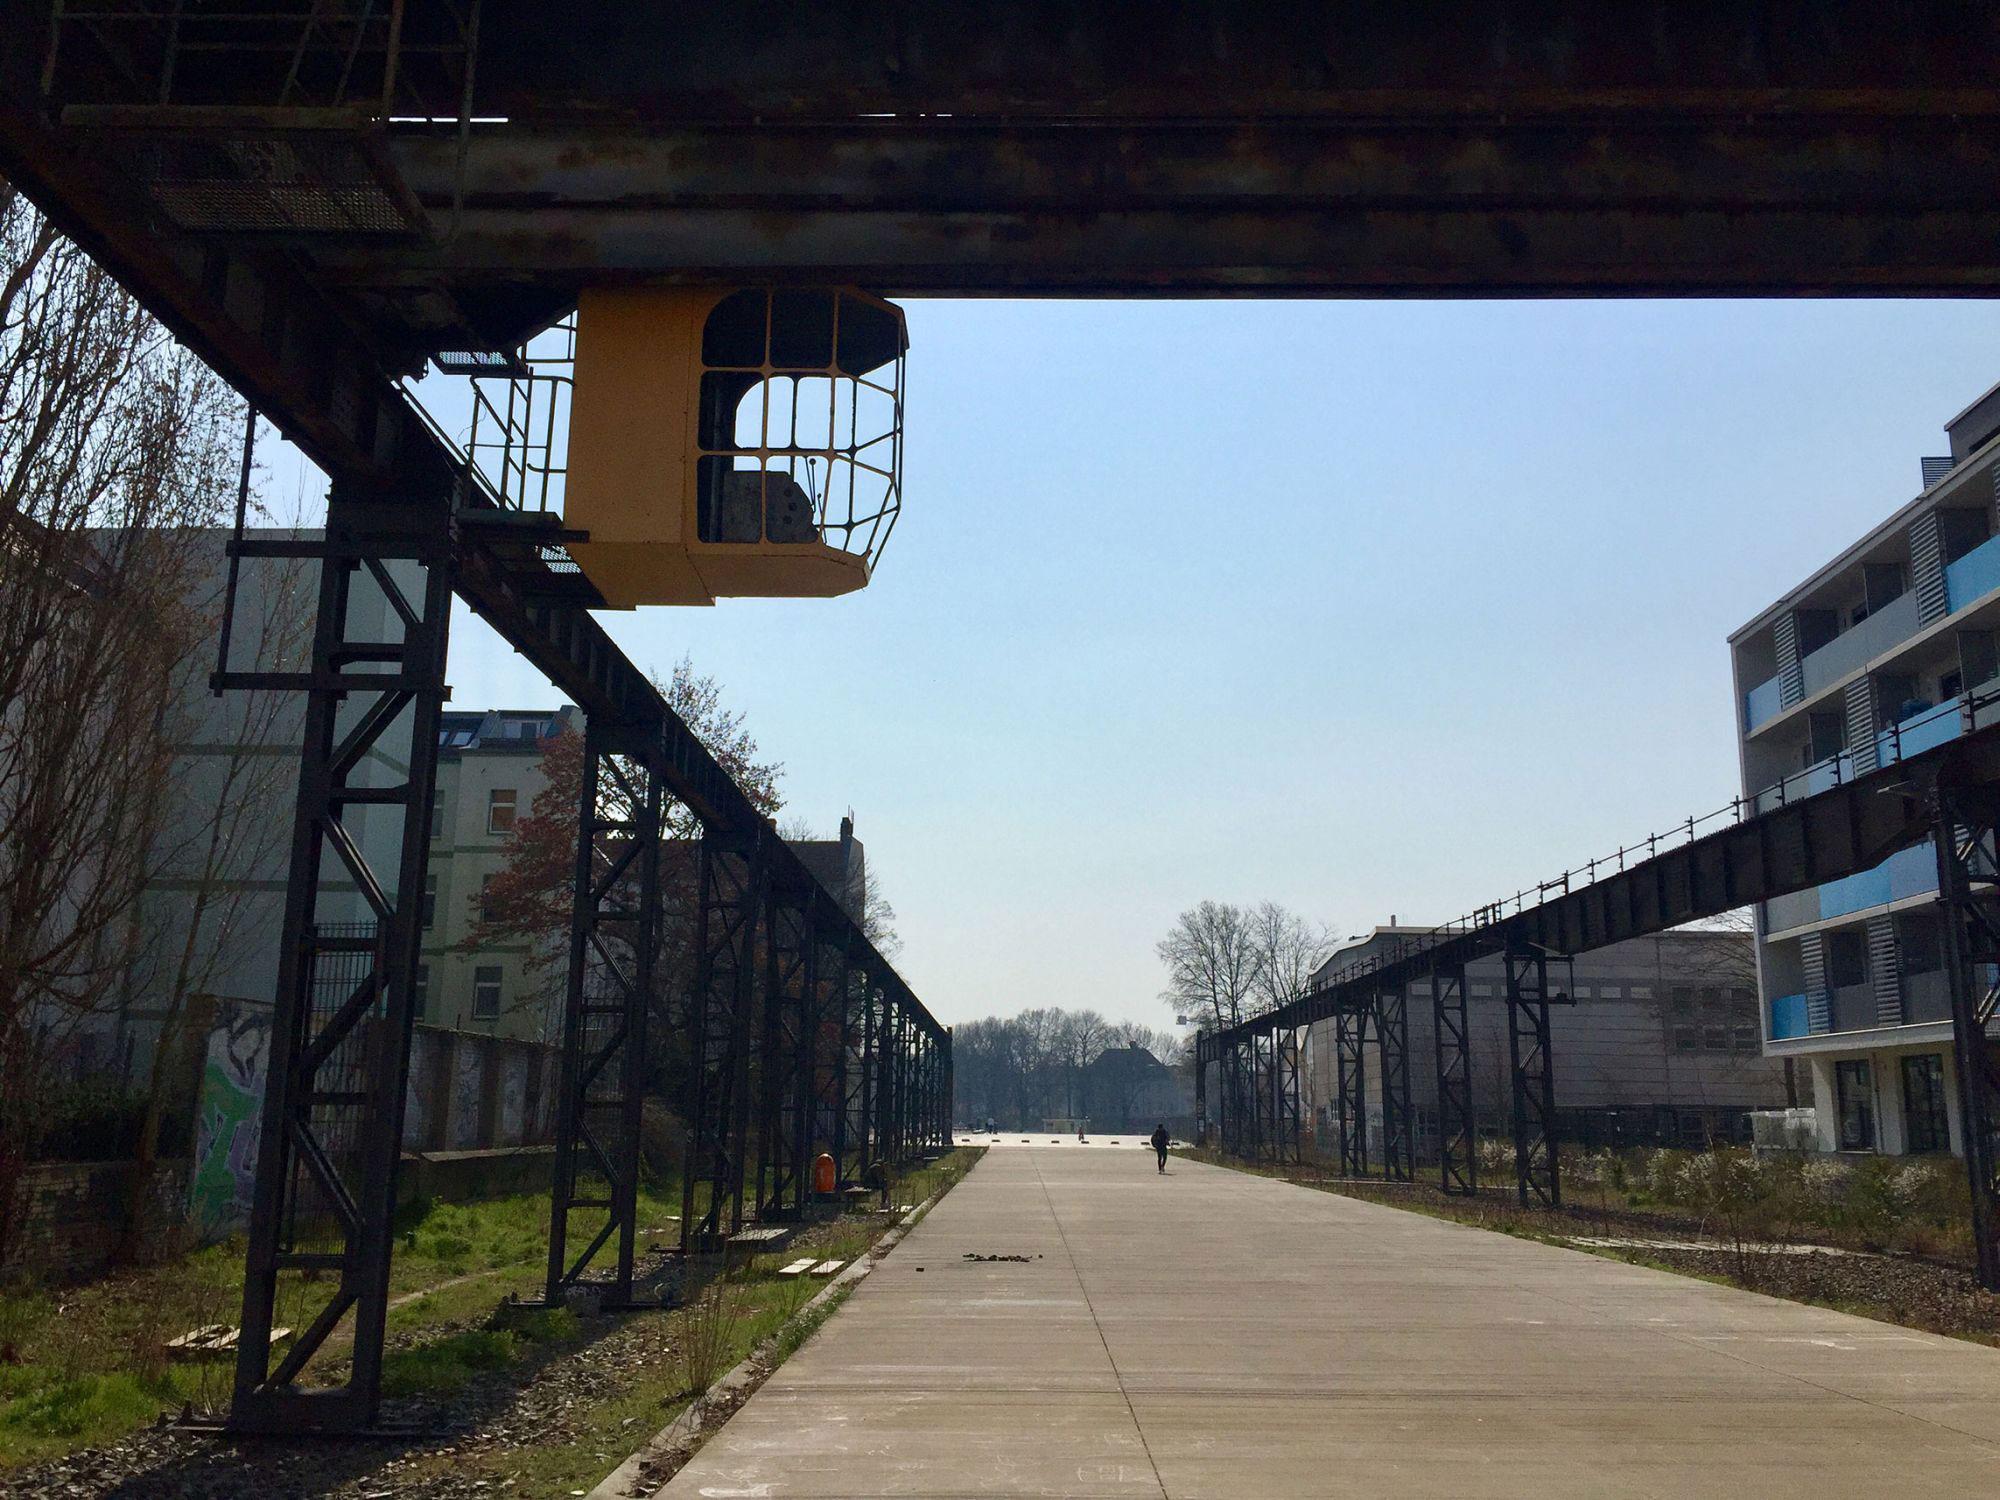 Kranbahn Schöneweide